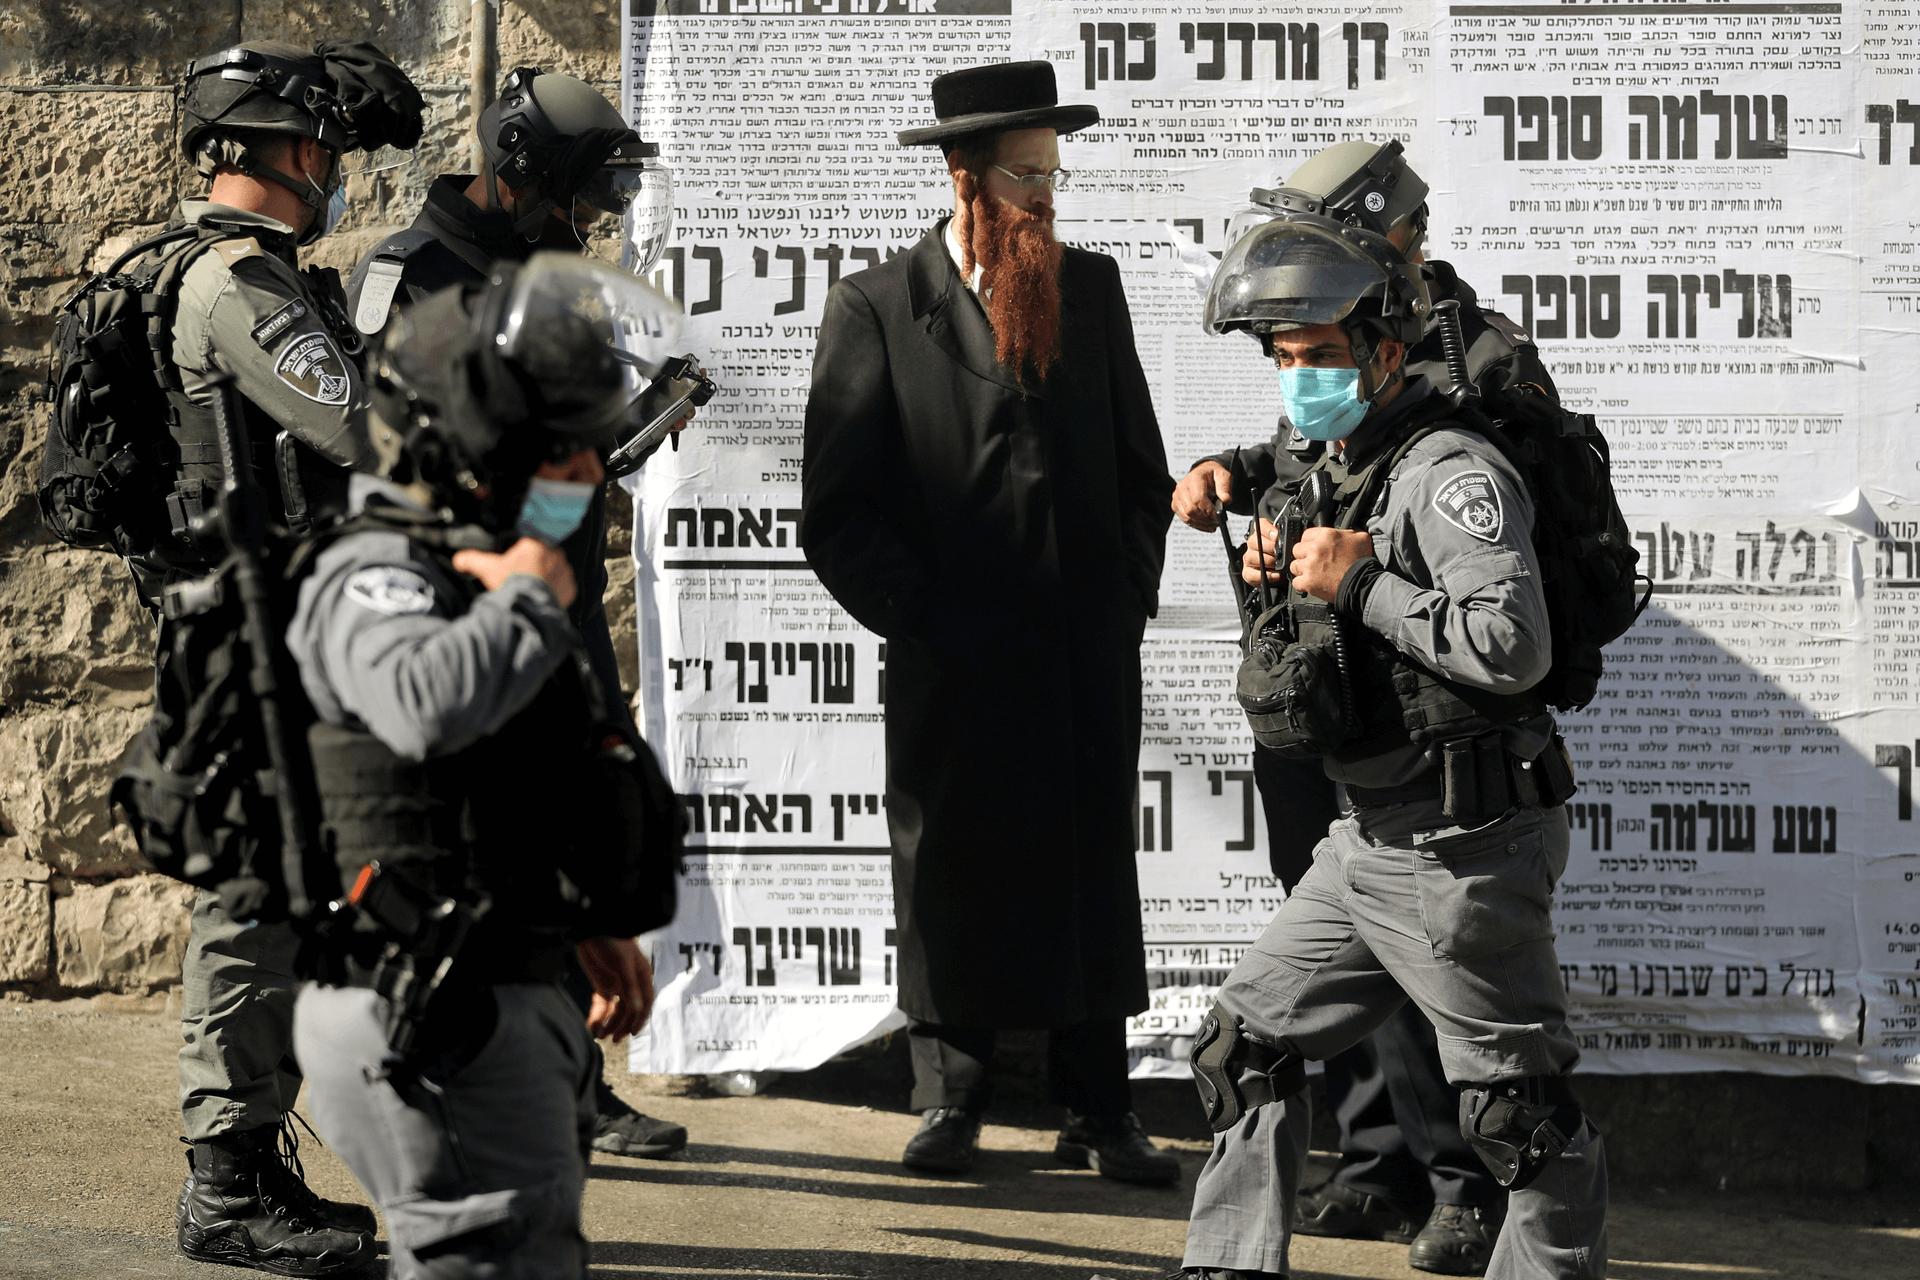 ירושלים, ינואר 2021. צילום: רויטרס